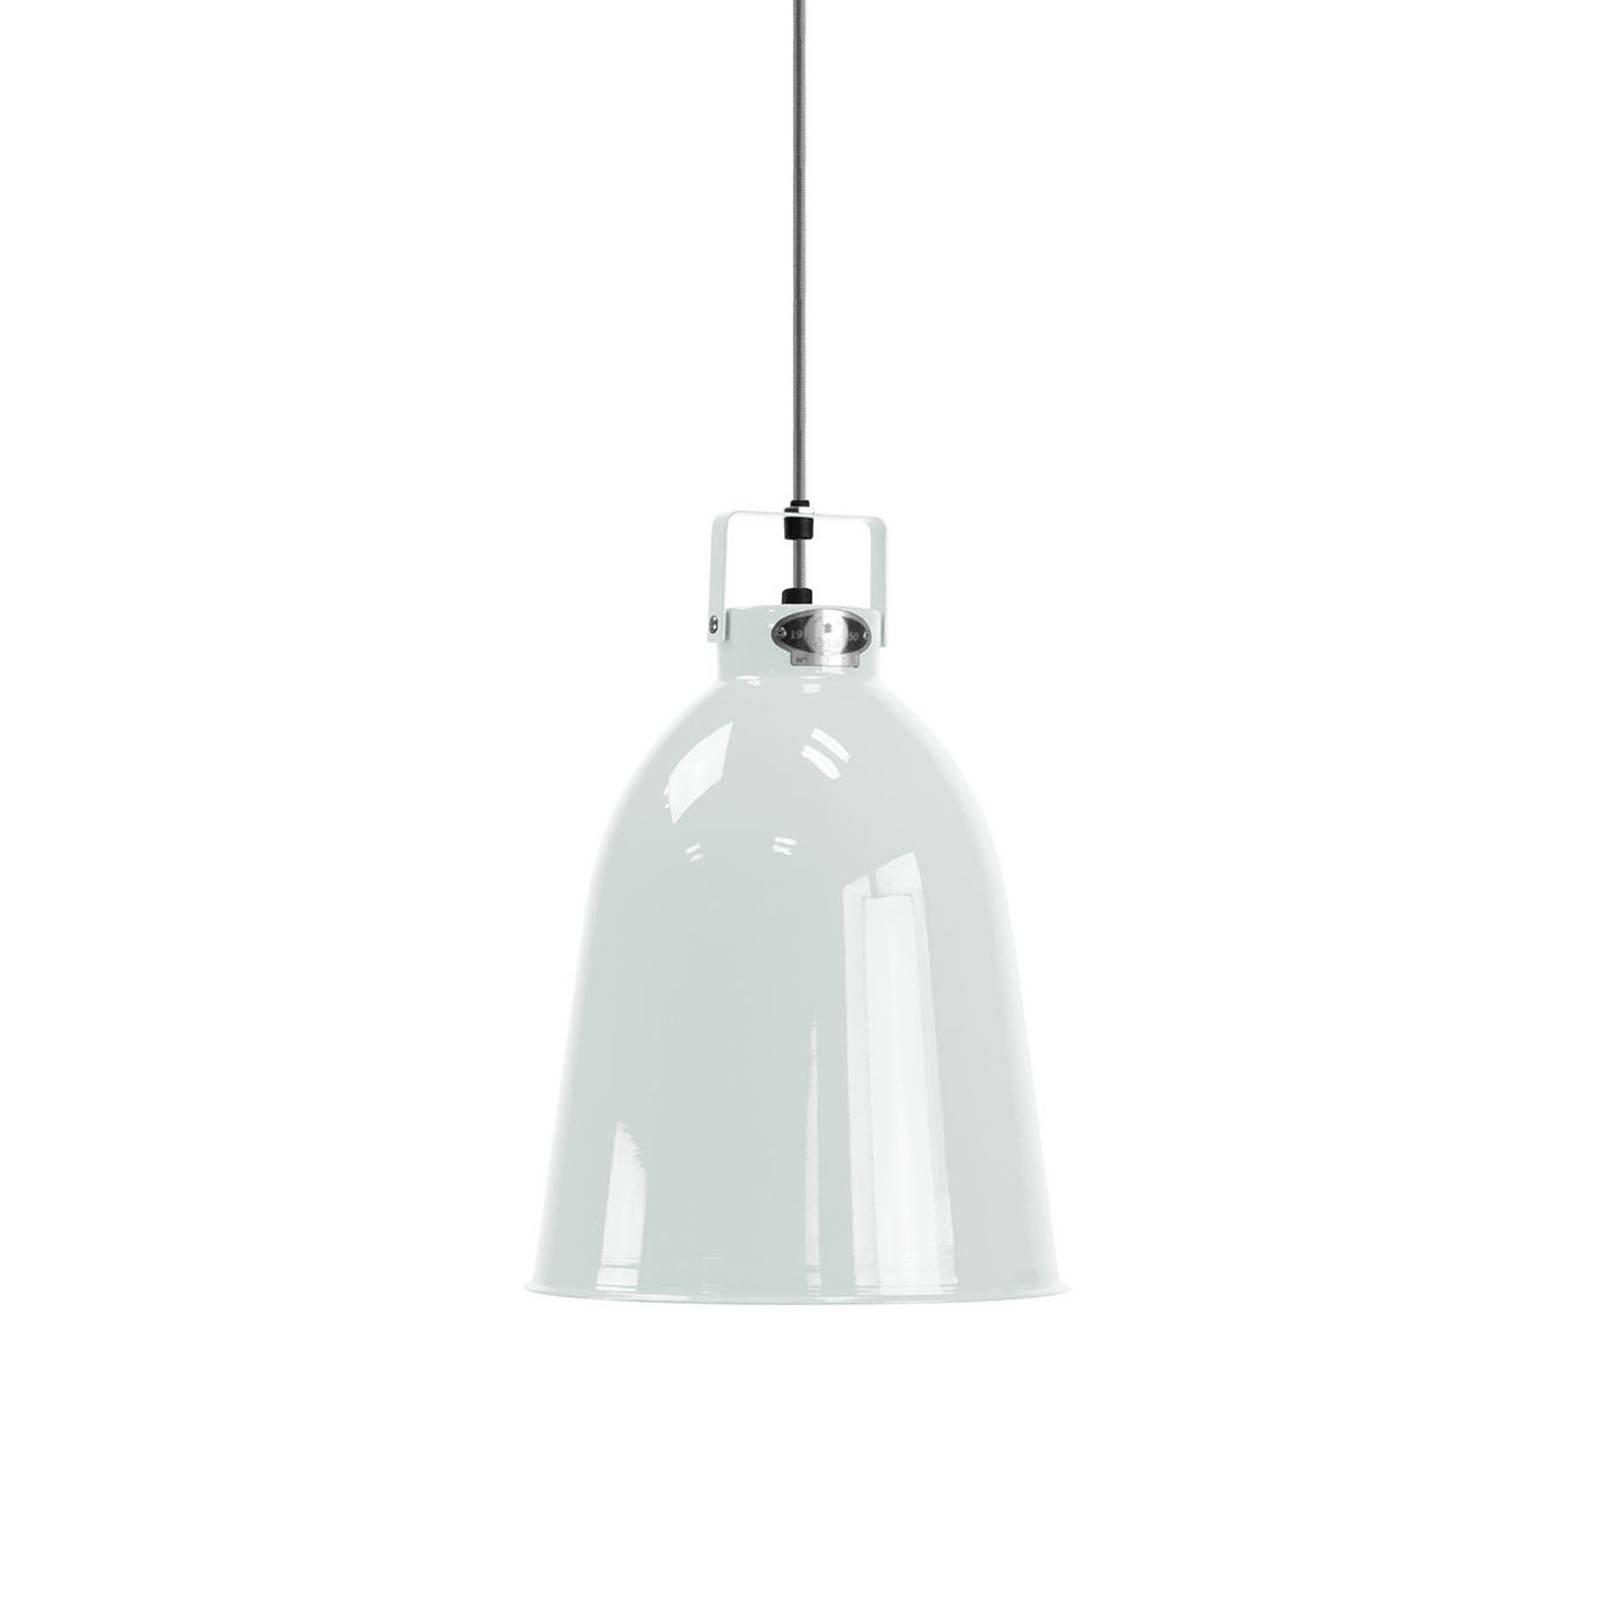 Jieldé Clément C240 hengelampe, blank hvit, Ø24cm